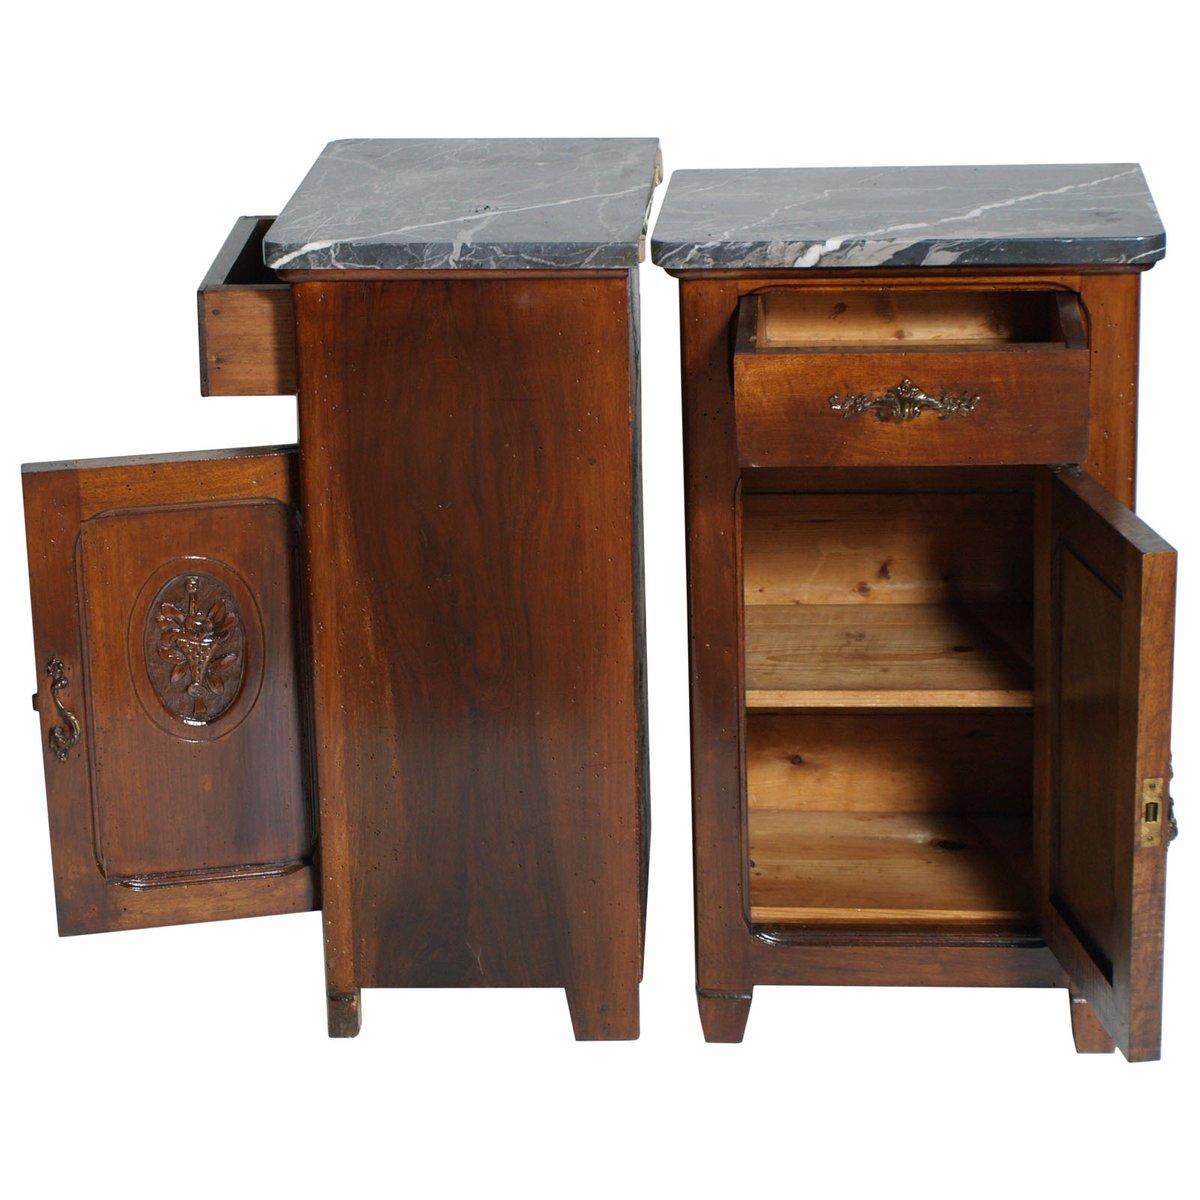 Tables de chevet art nouveau antiques en noyer et marbre - Table de chevet marbre ...